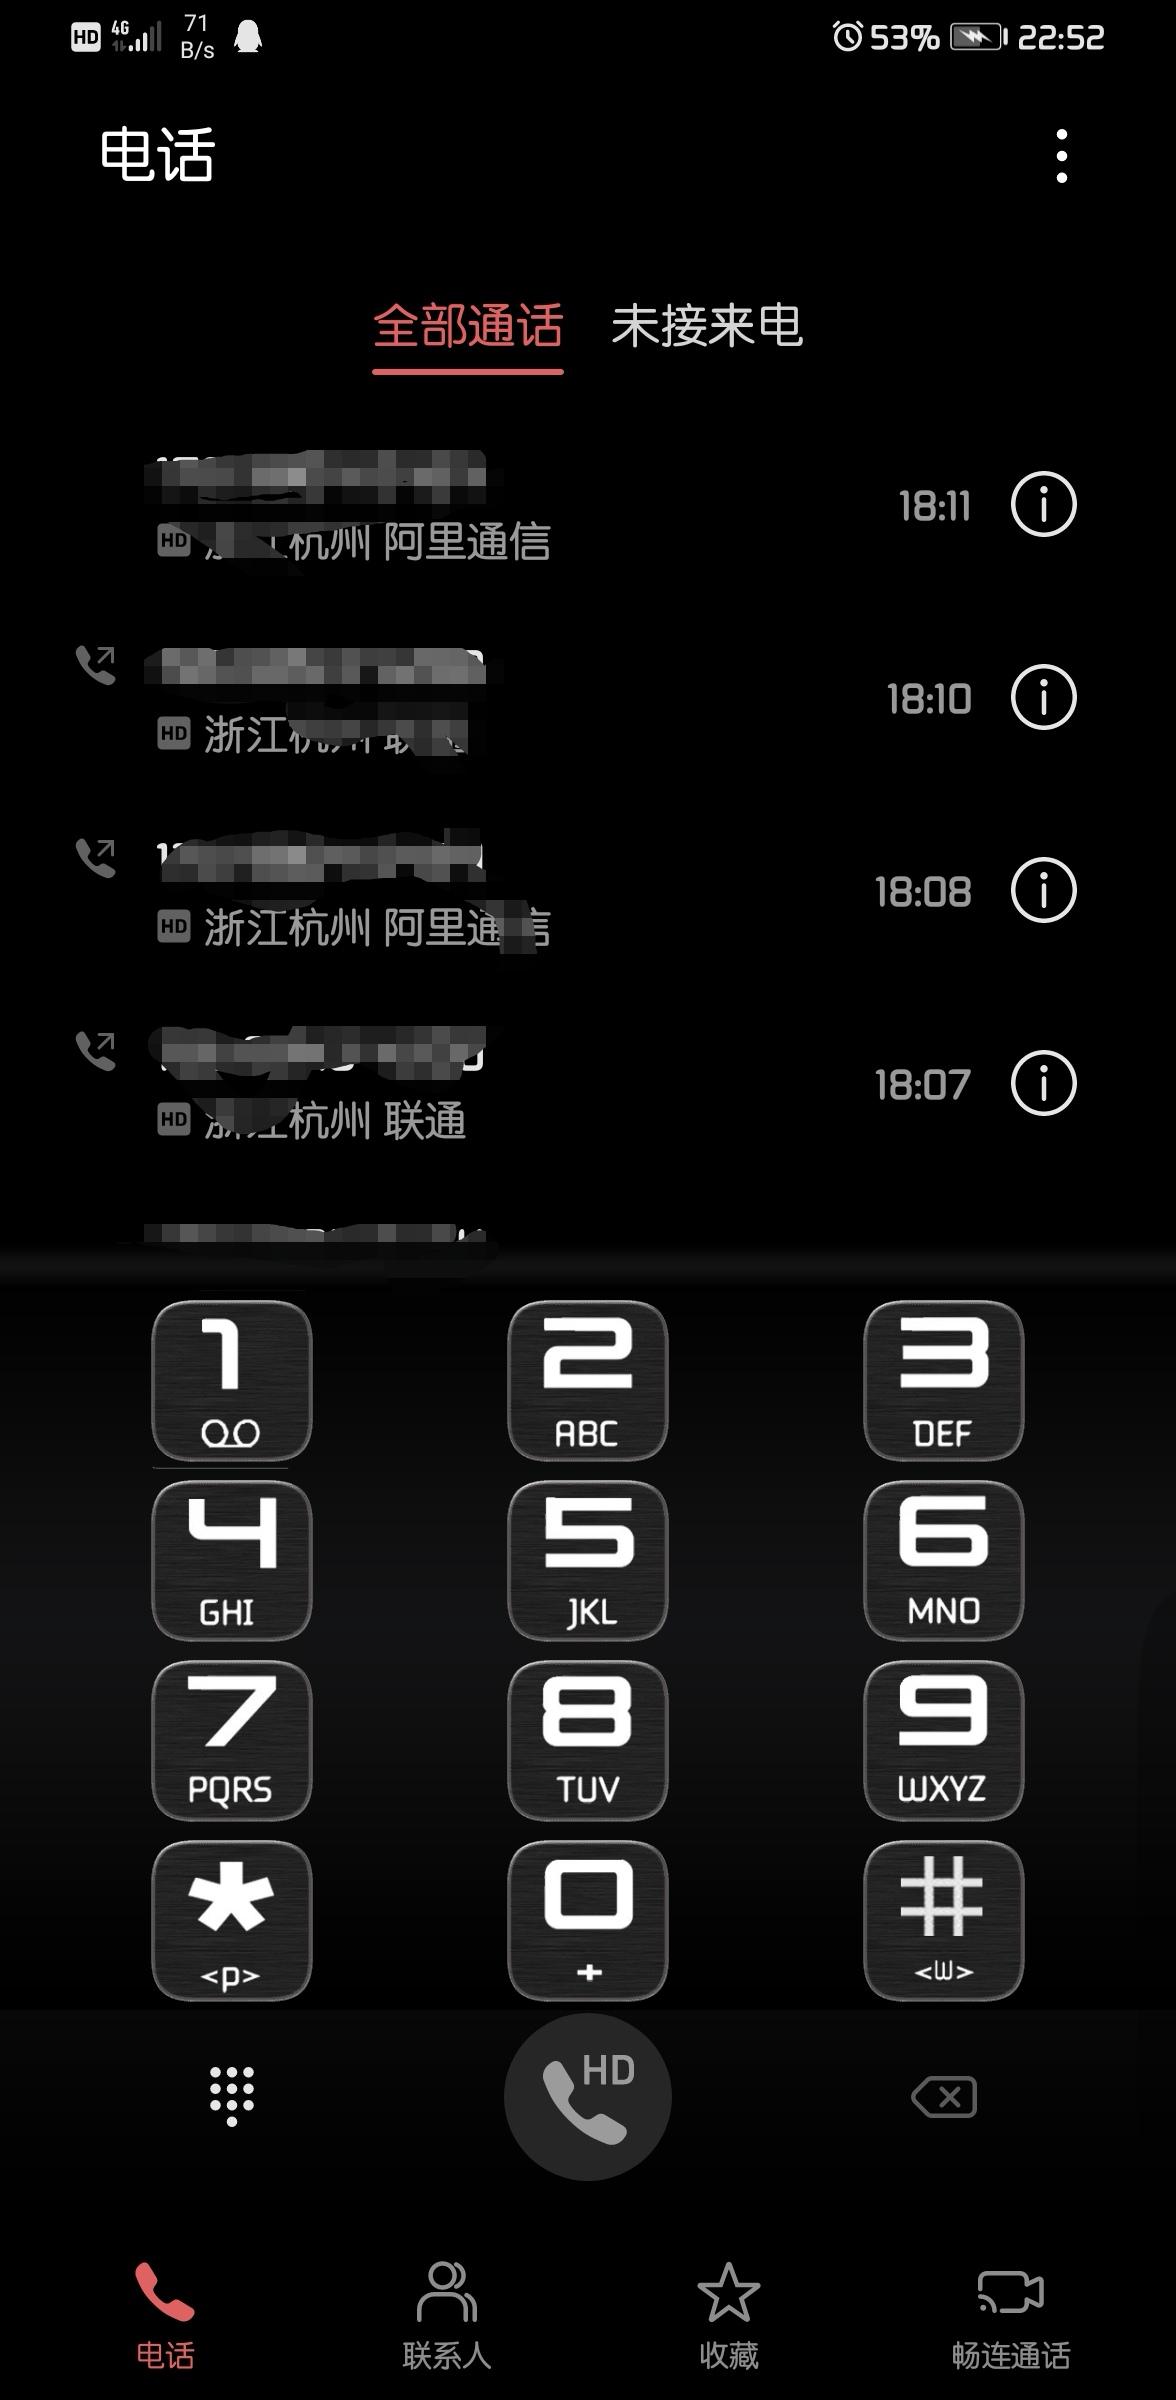 Screenshot_20200422_000802.jpg